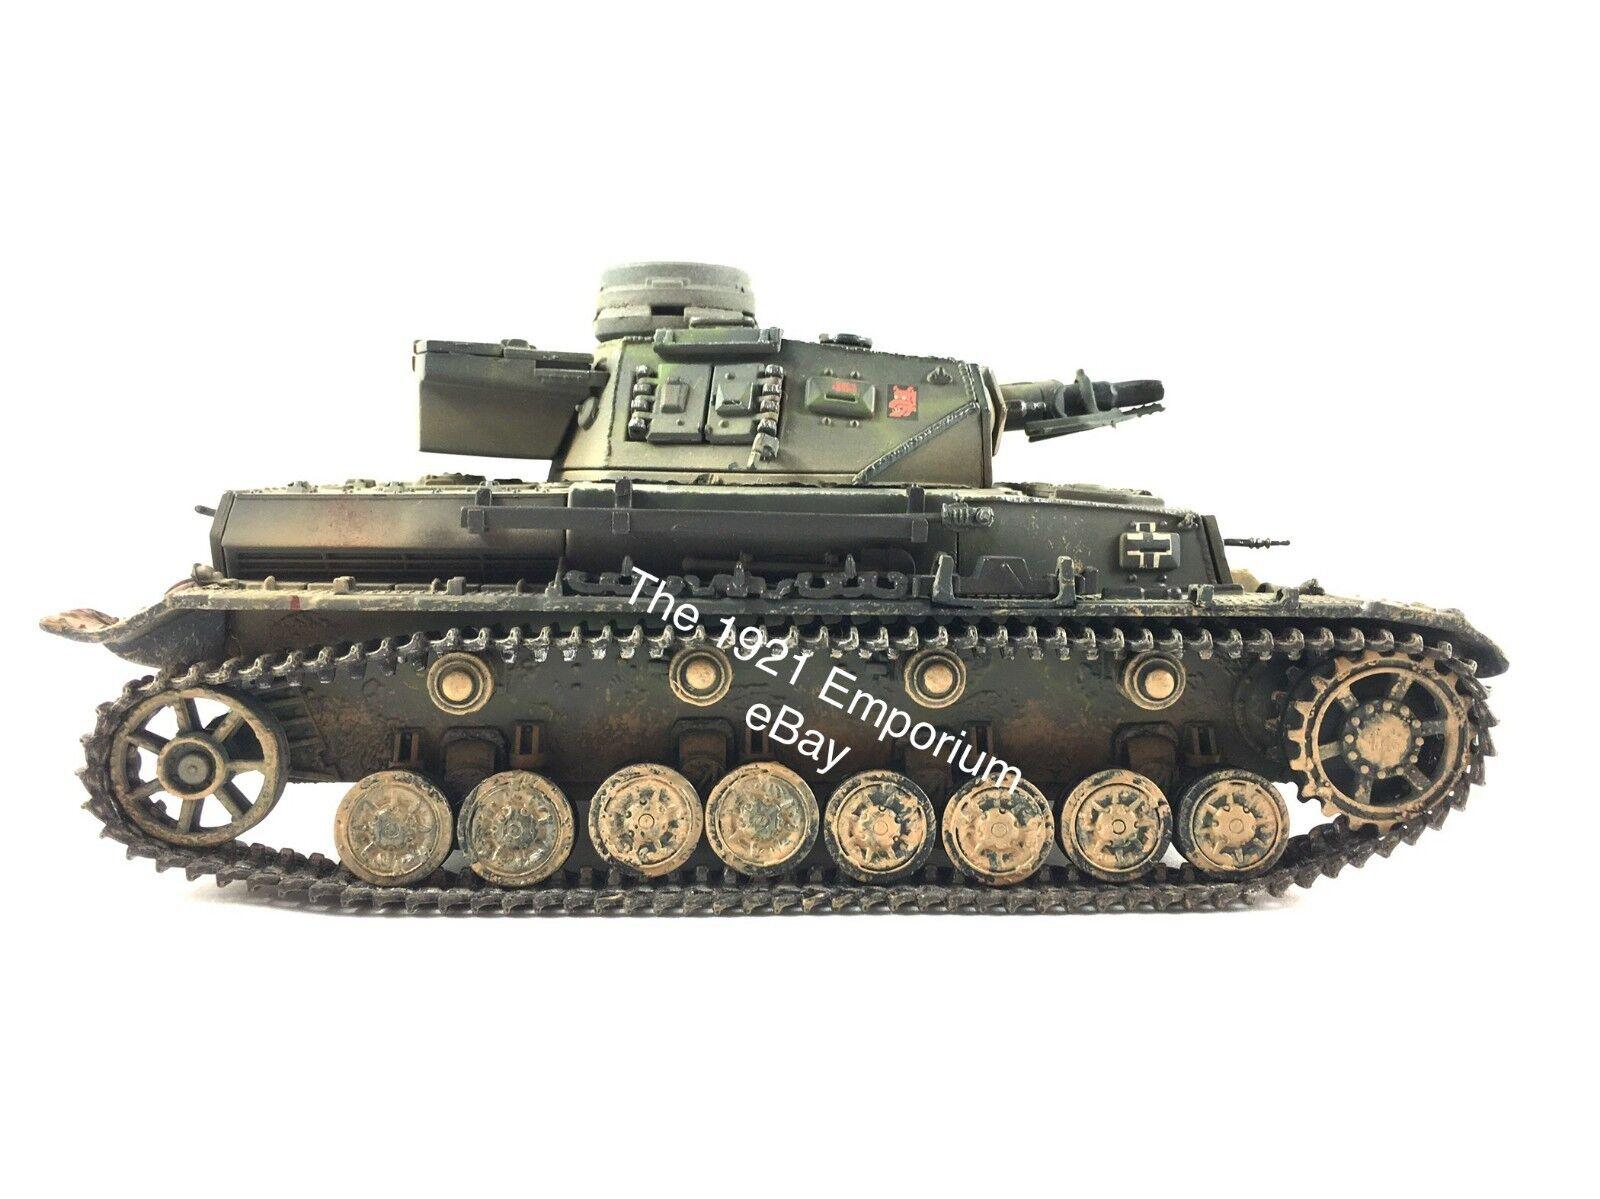 spedizione veloce a te 1 1 1 32 Diecast Unimax giocattoli Forces of Valor WWII Geruomo Panzer IV Tank  Garanzia del prezzo al 100%